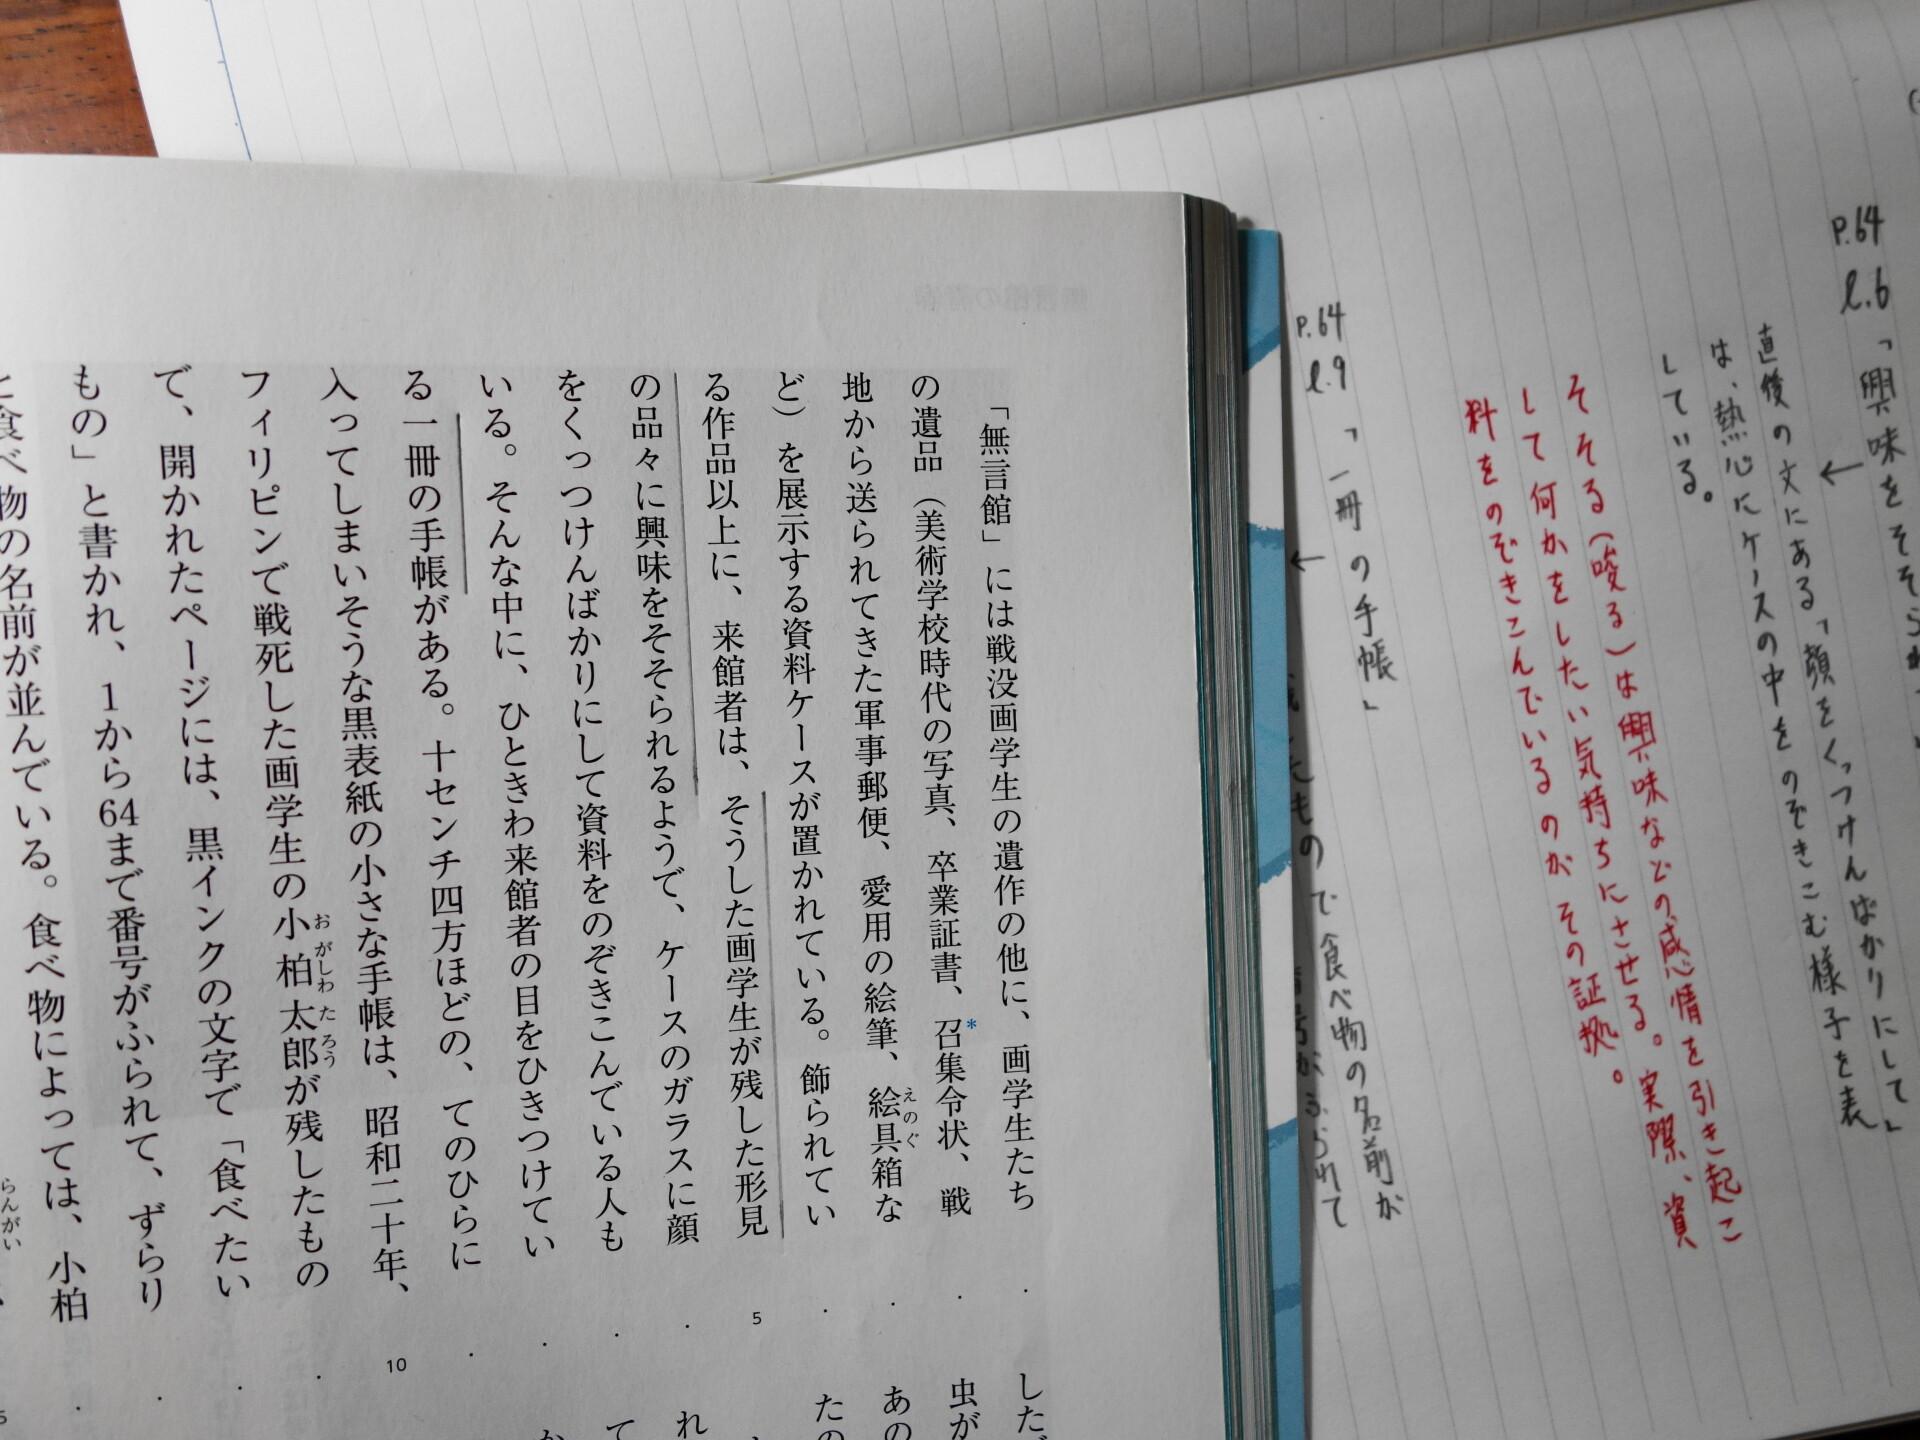 現代文の教科書に傍線を引いたもの